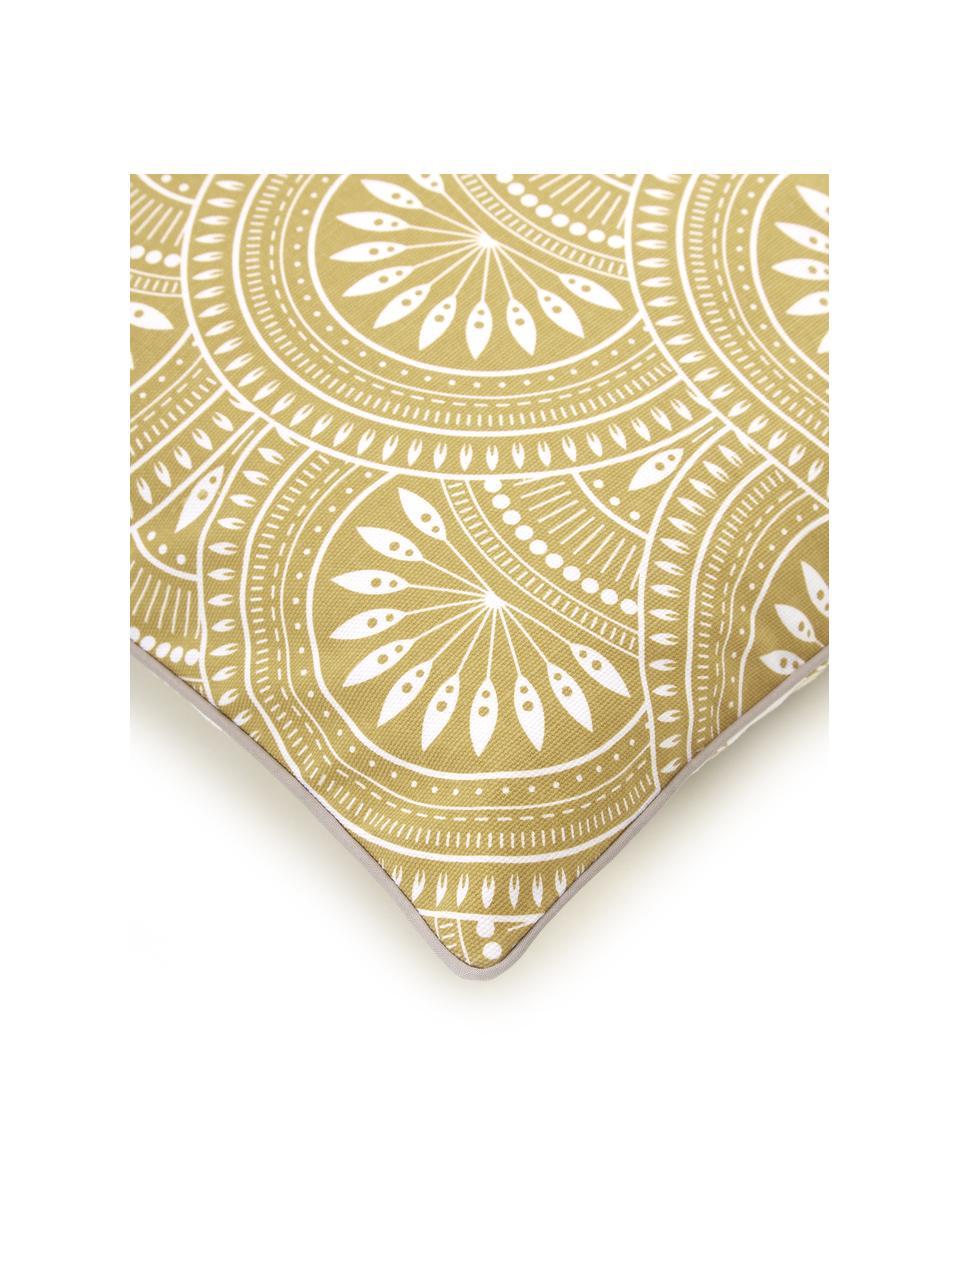 Housse de coussin 45x45 réversible en coton bio Tiara, Jaune, blanc